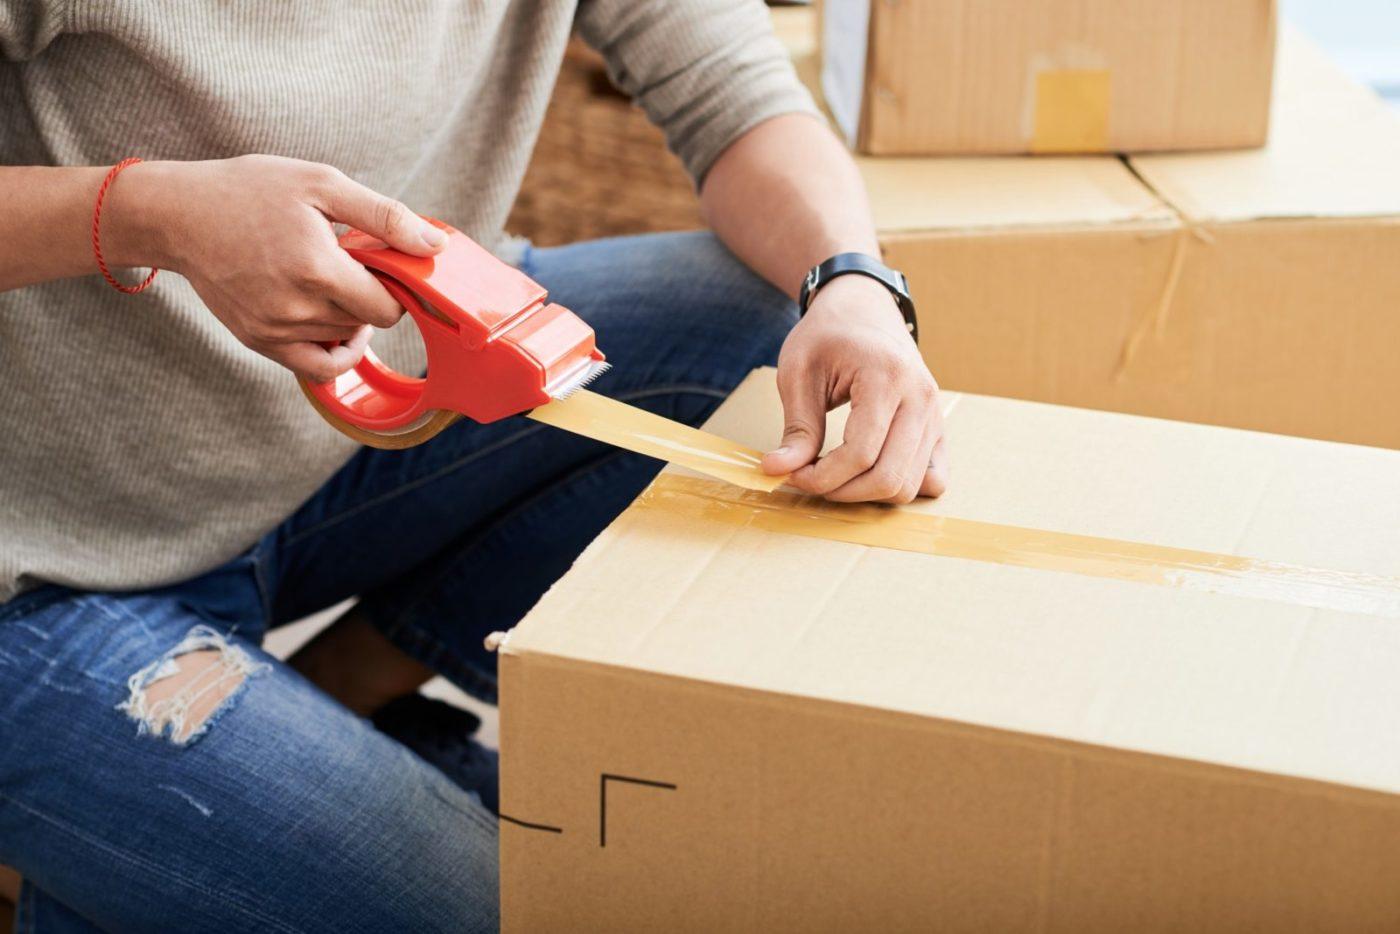 Crop man sealing carton box